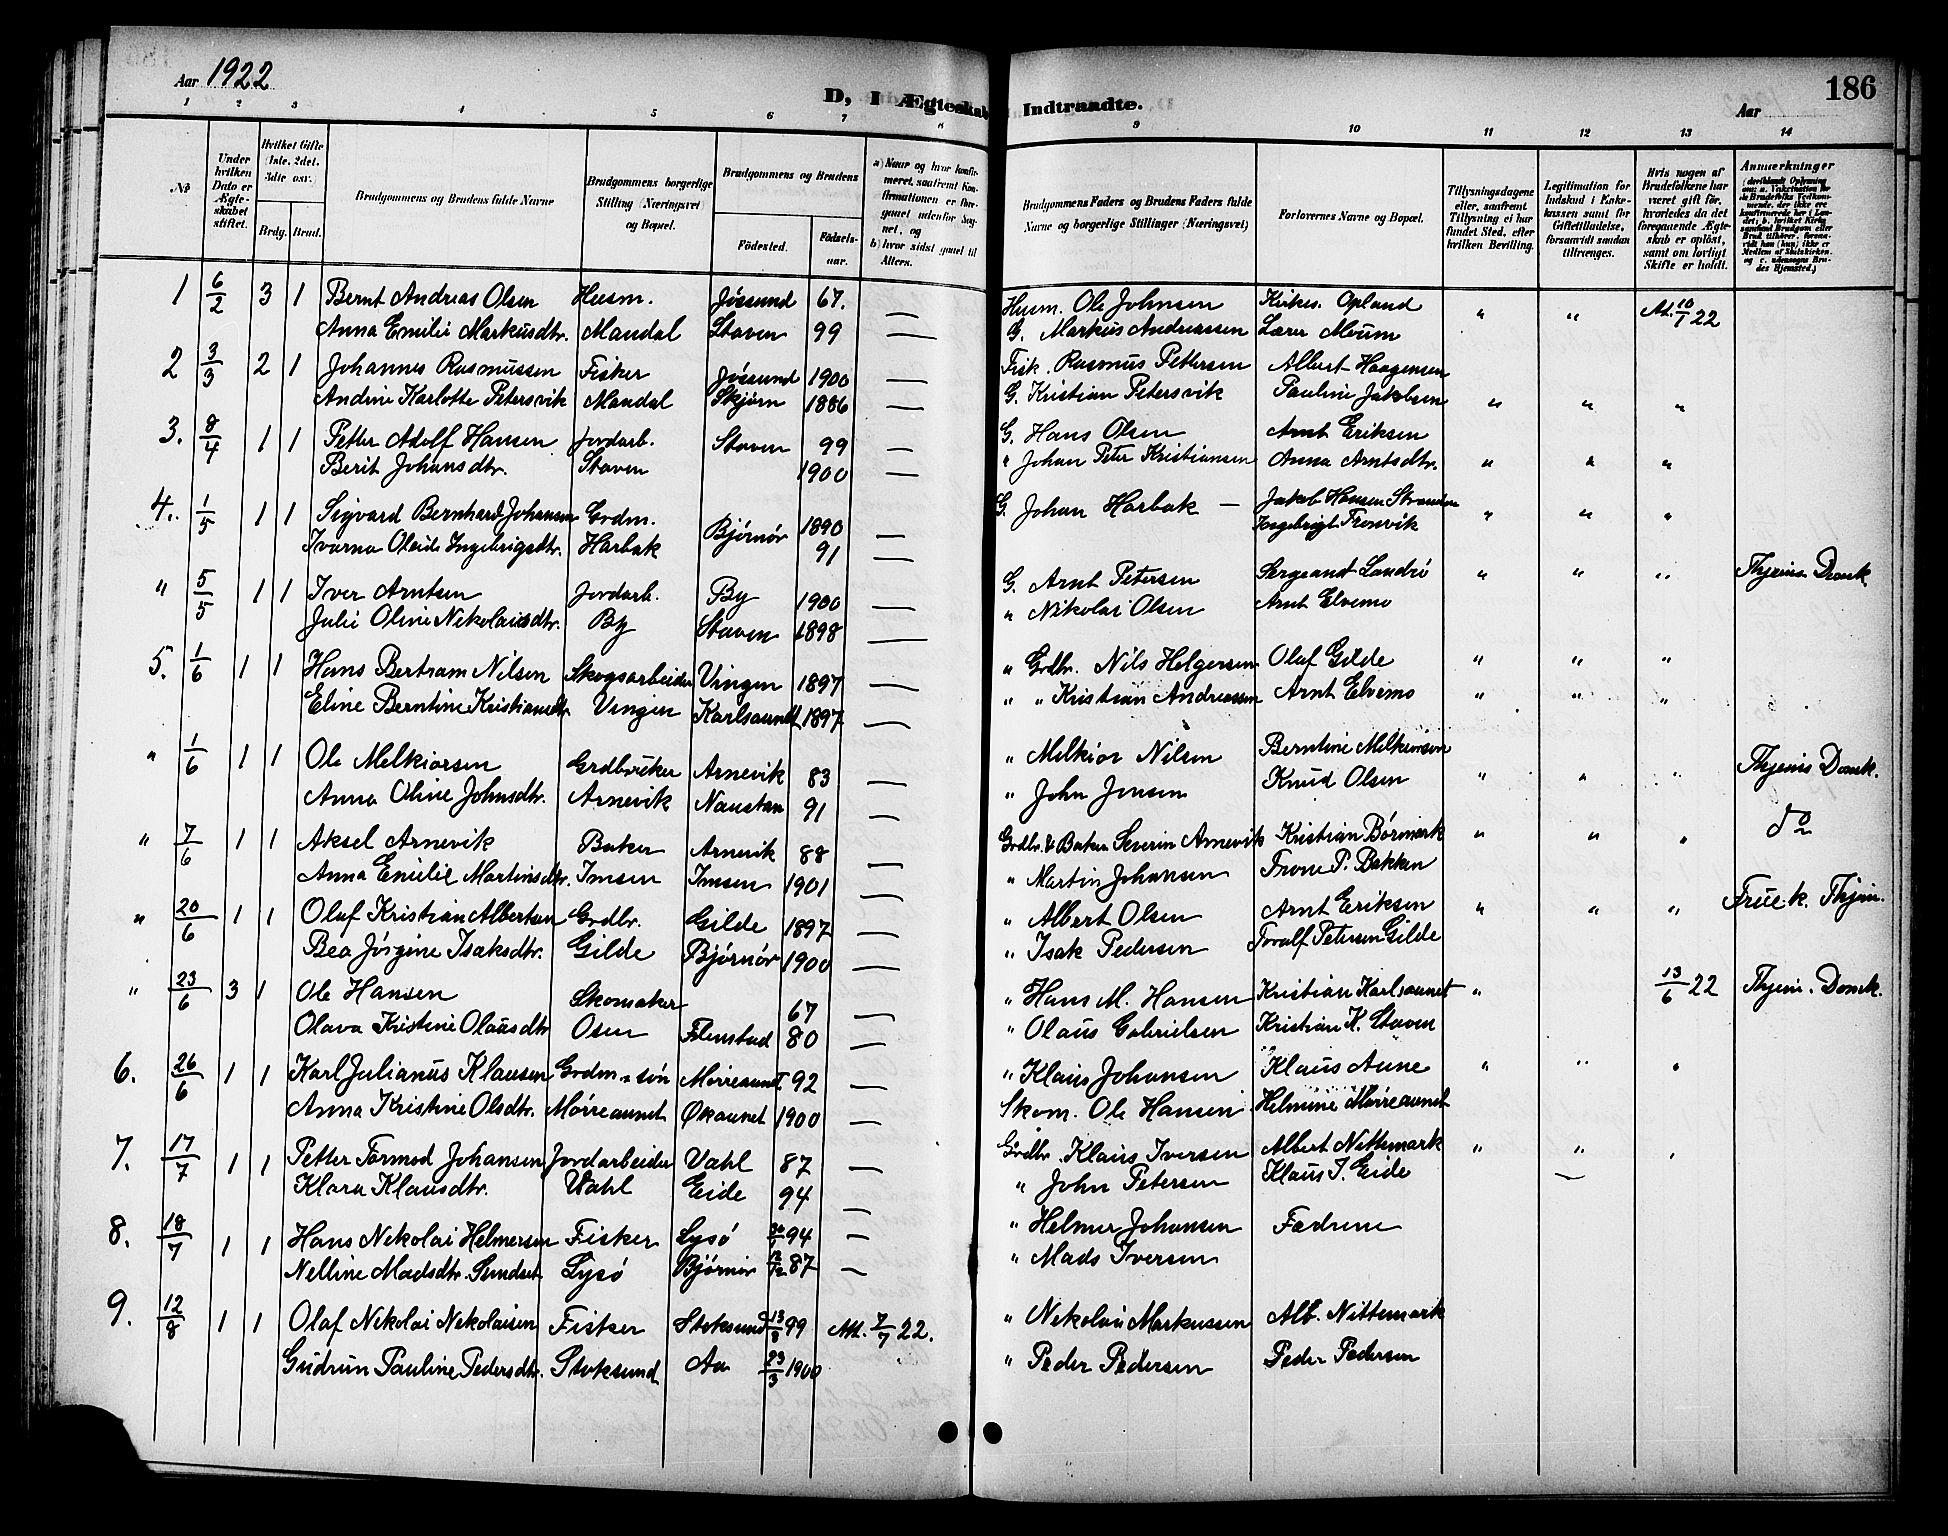 SAT, Ministerialprotokoller, klokkerbøker og fødselsregistre - Sør-Trøndelag, 655/L0688: Klokkerbok nr. 655C04, 1899-1922, s. 186